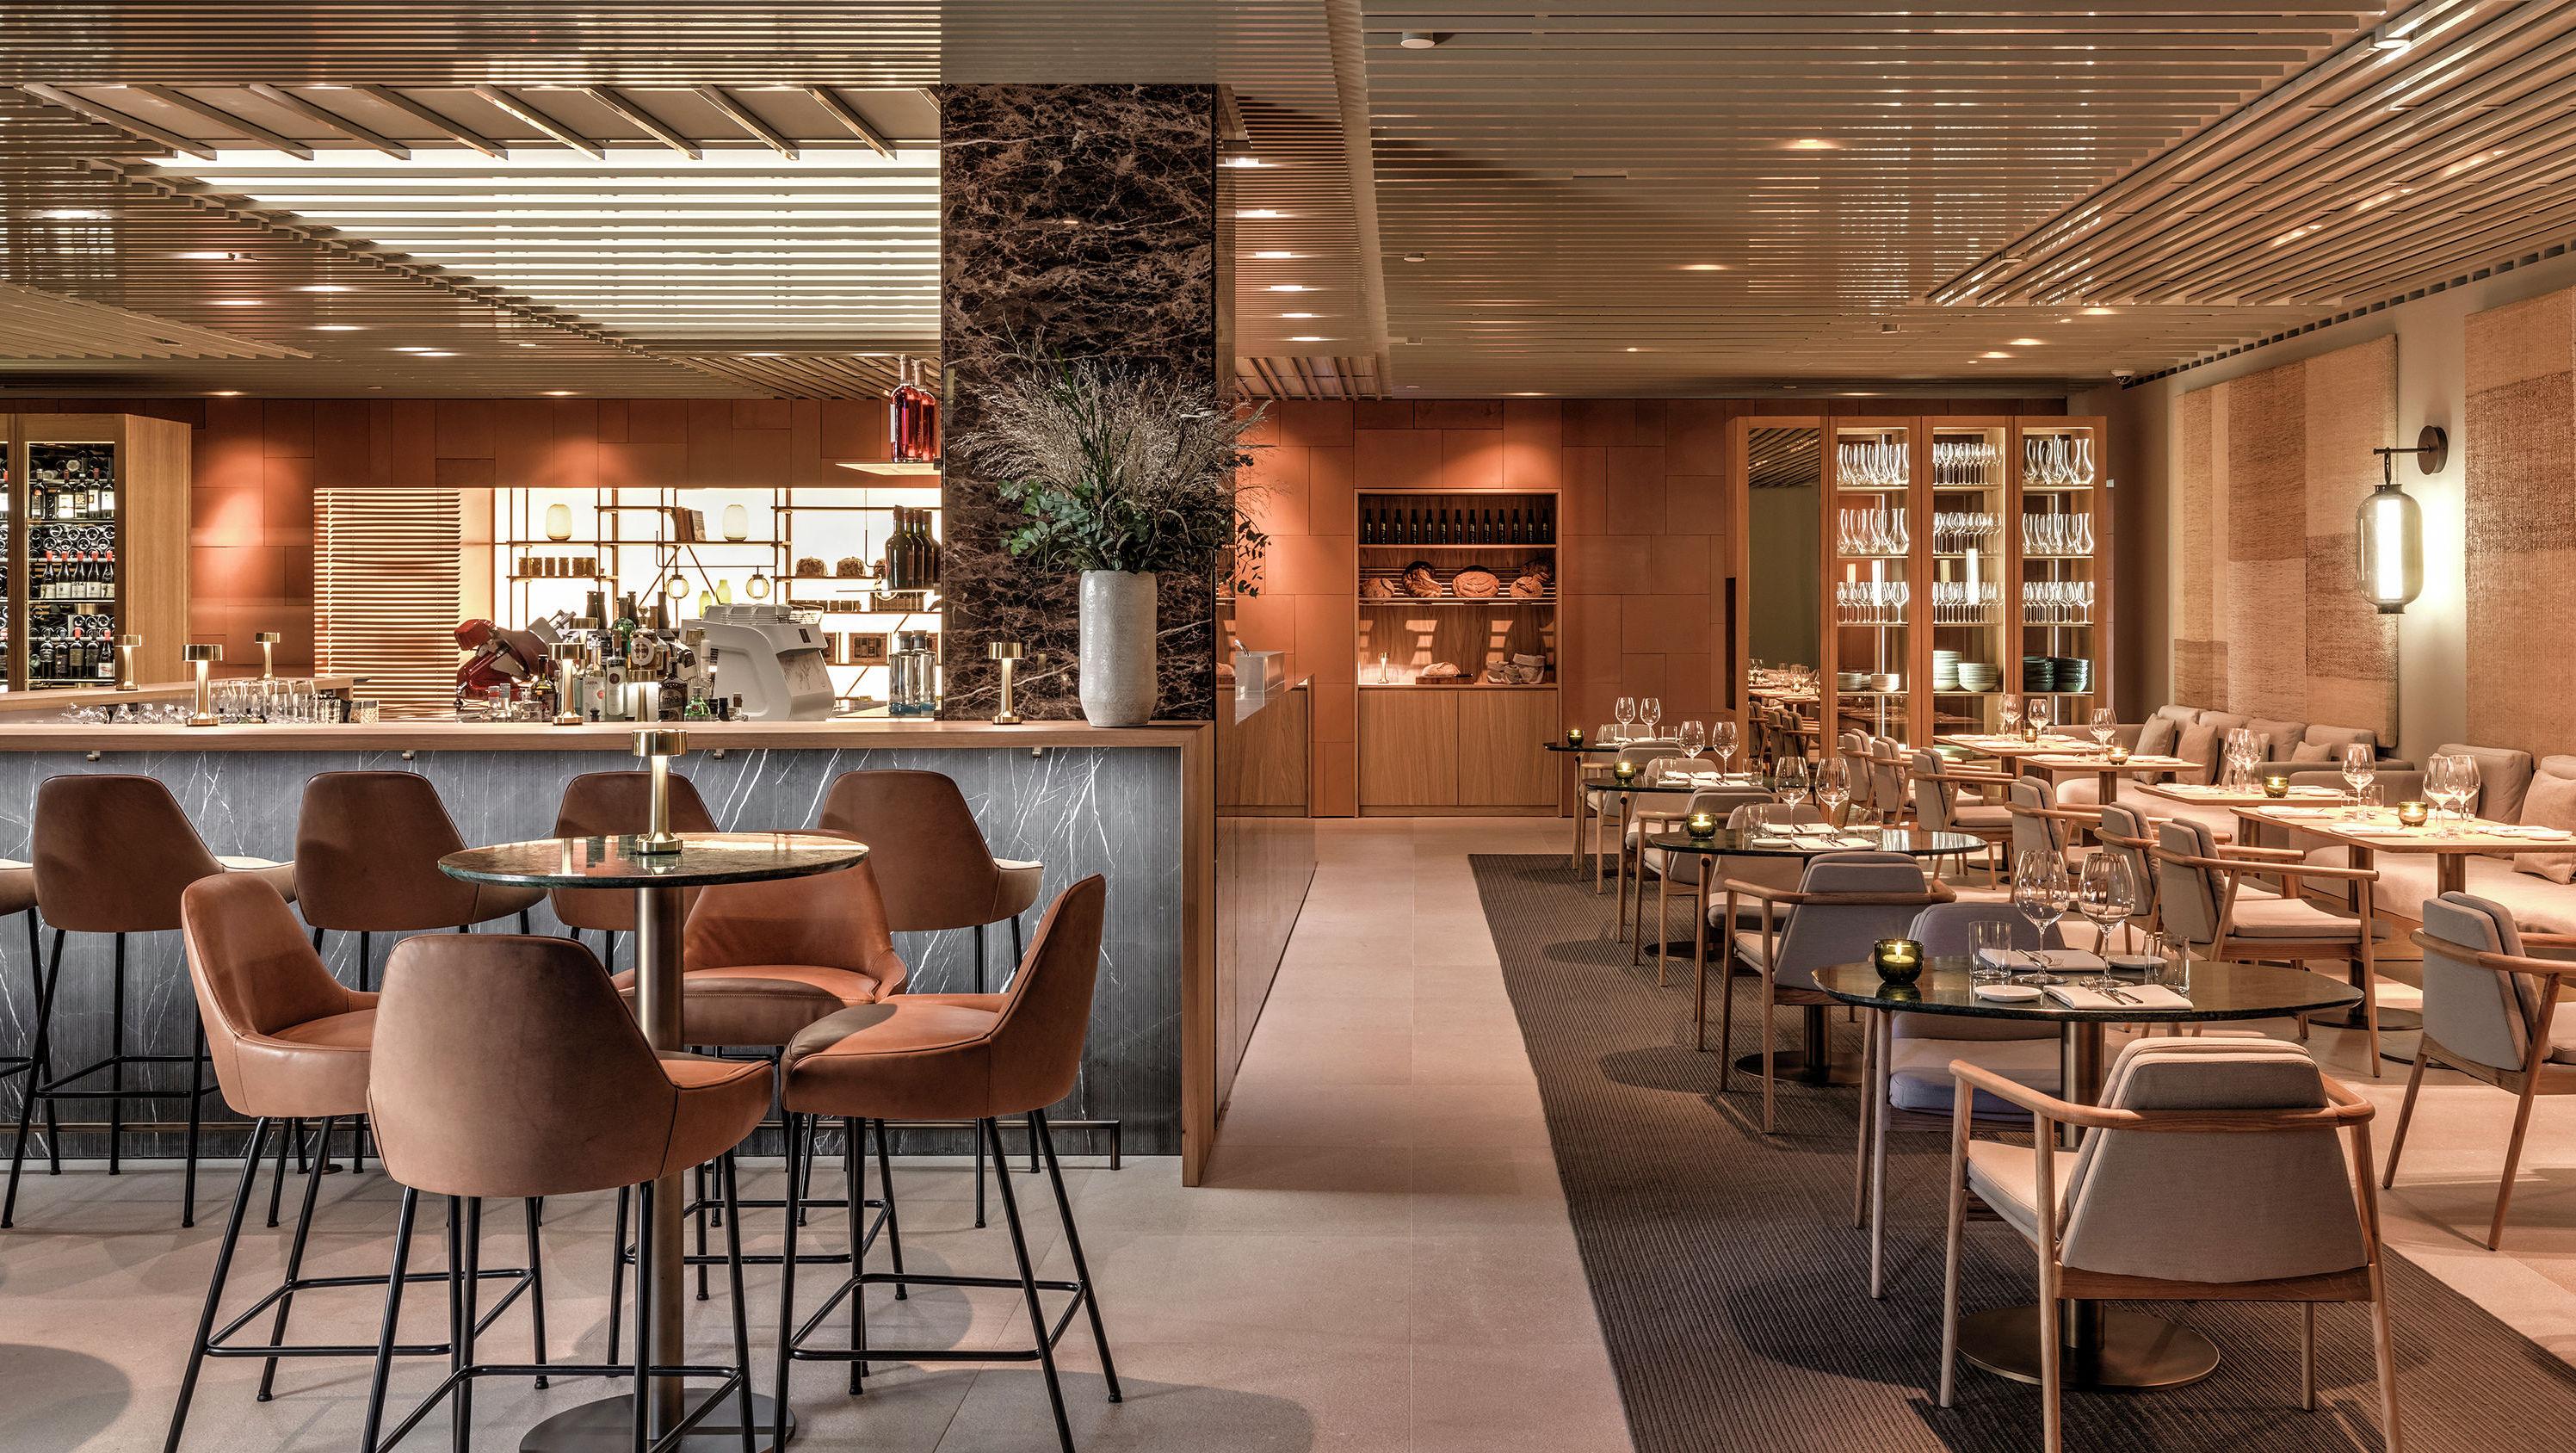 Сицилийский ресторан Pastamara - новый гастрономический центр притяжения для венцев и гостей столицы